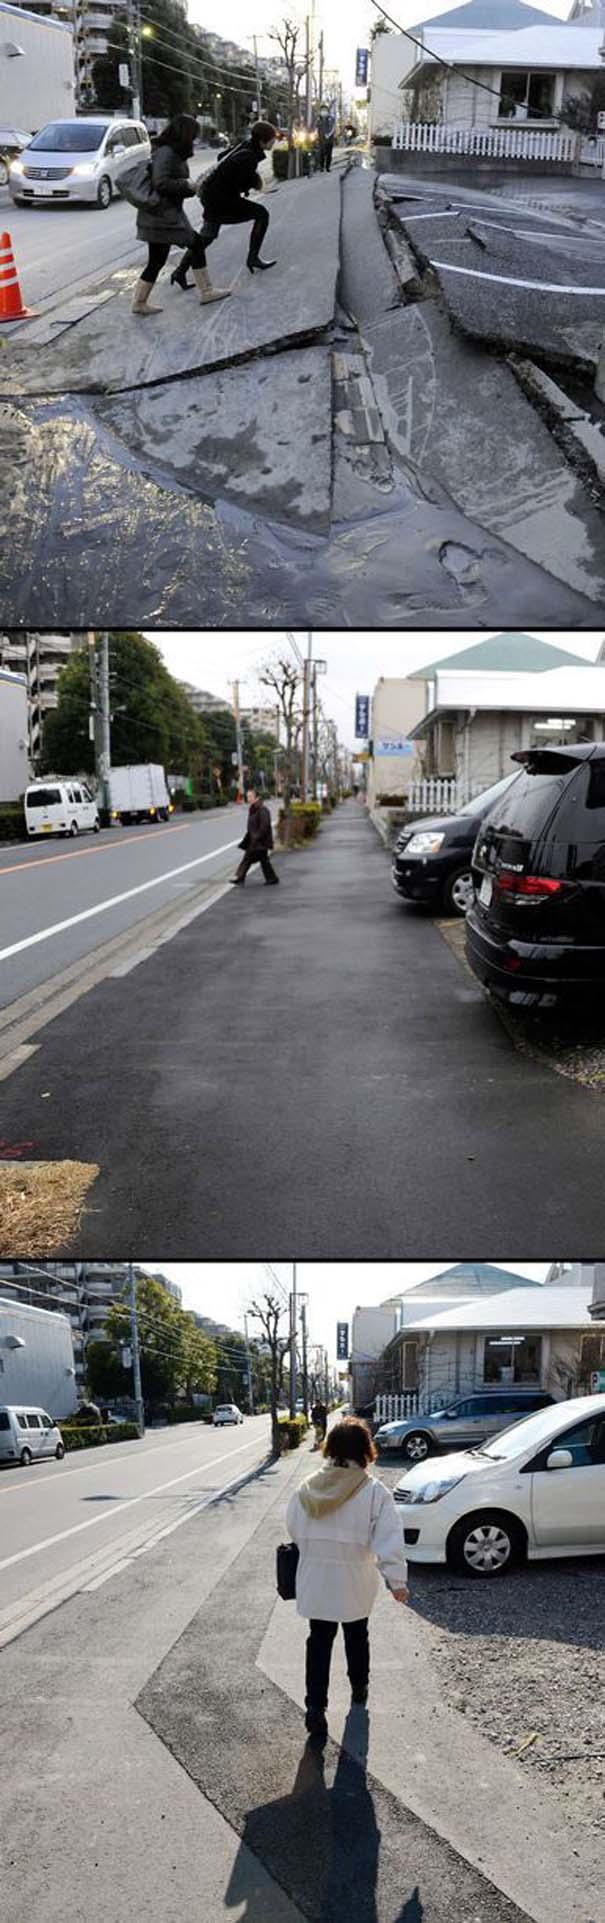 Ιαπωνία 2 χρόνια μετά το Τσουνάμι (24)